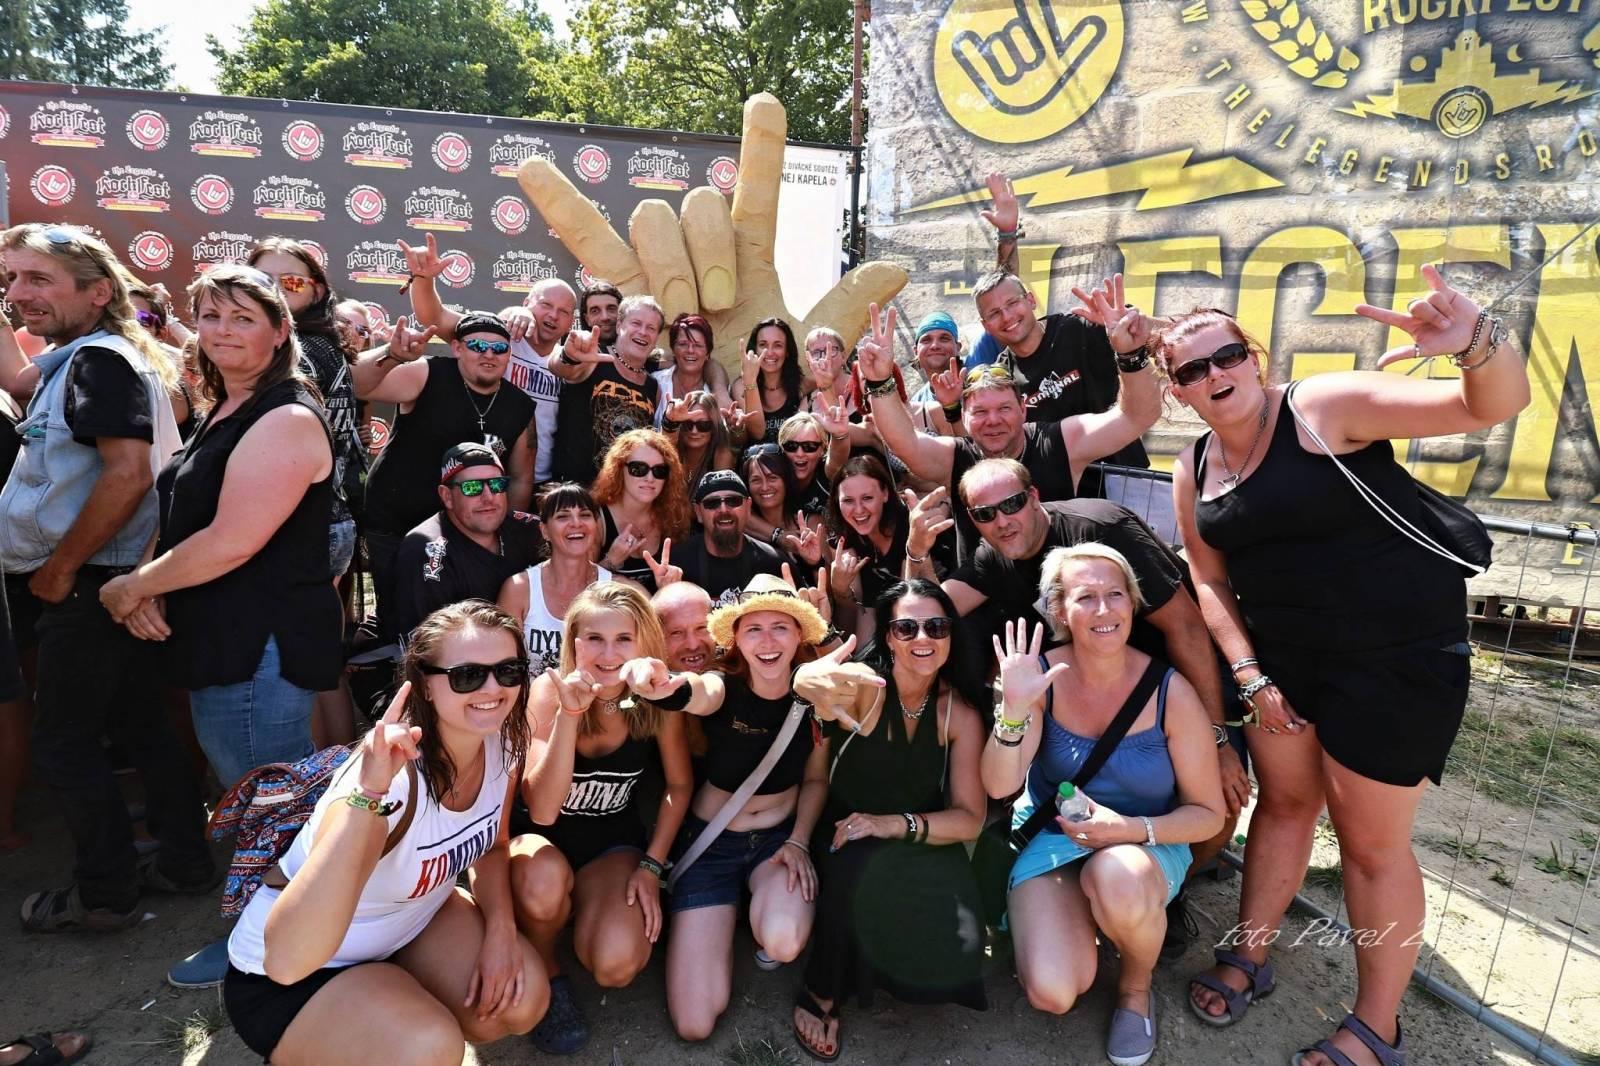 TOP 5 festivalu The Legends Rock Fest: Pohodová atmosféra, zábava pro děti i skvělá organizace